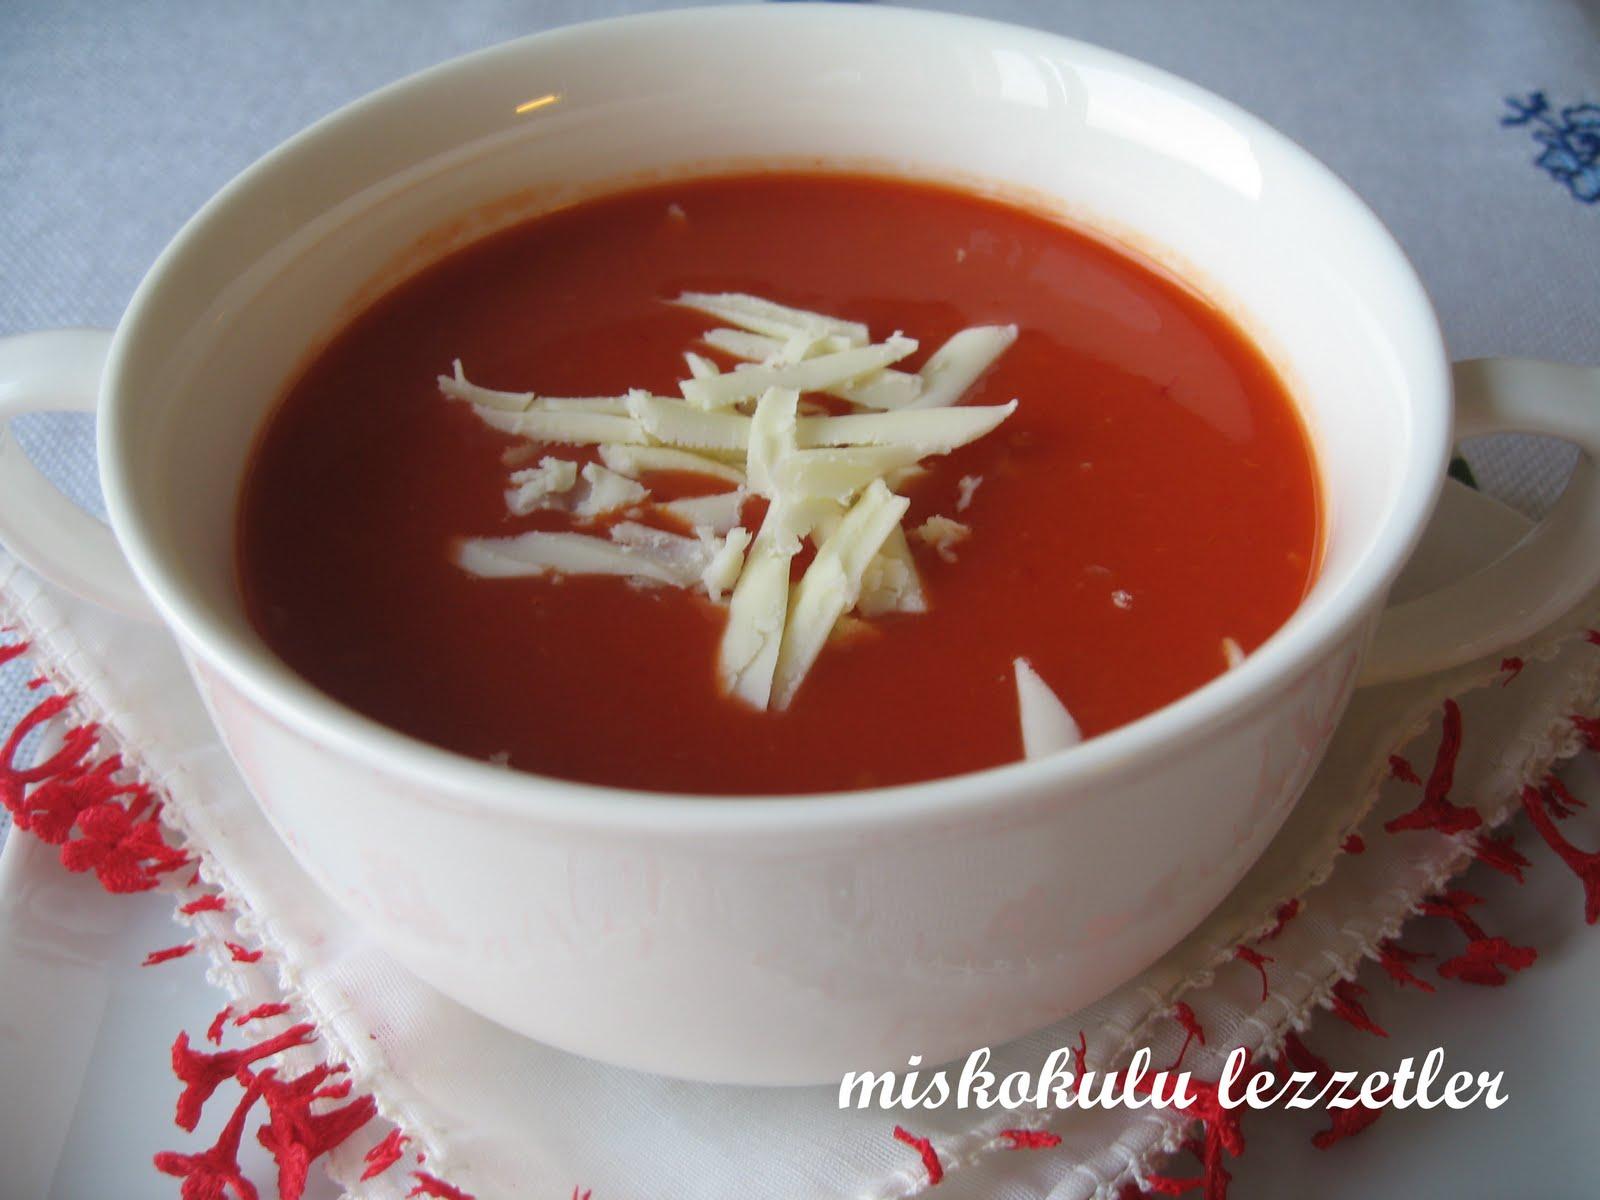 miskokulu lezzetler: Domates Çorbası